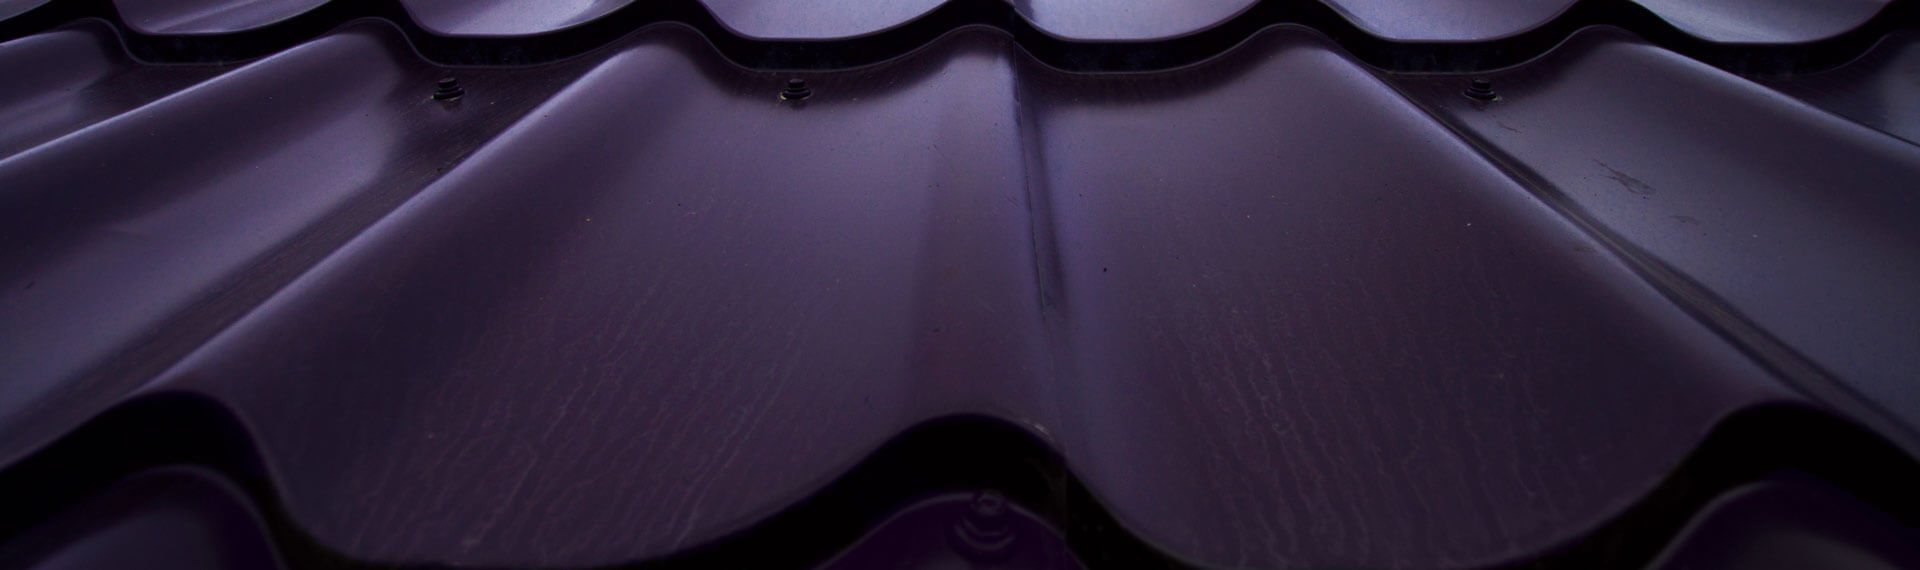 Aluminium roof tiles in purple colour